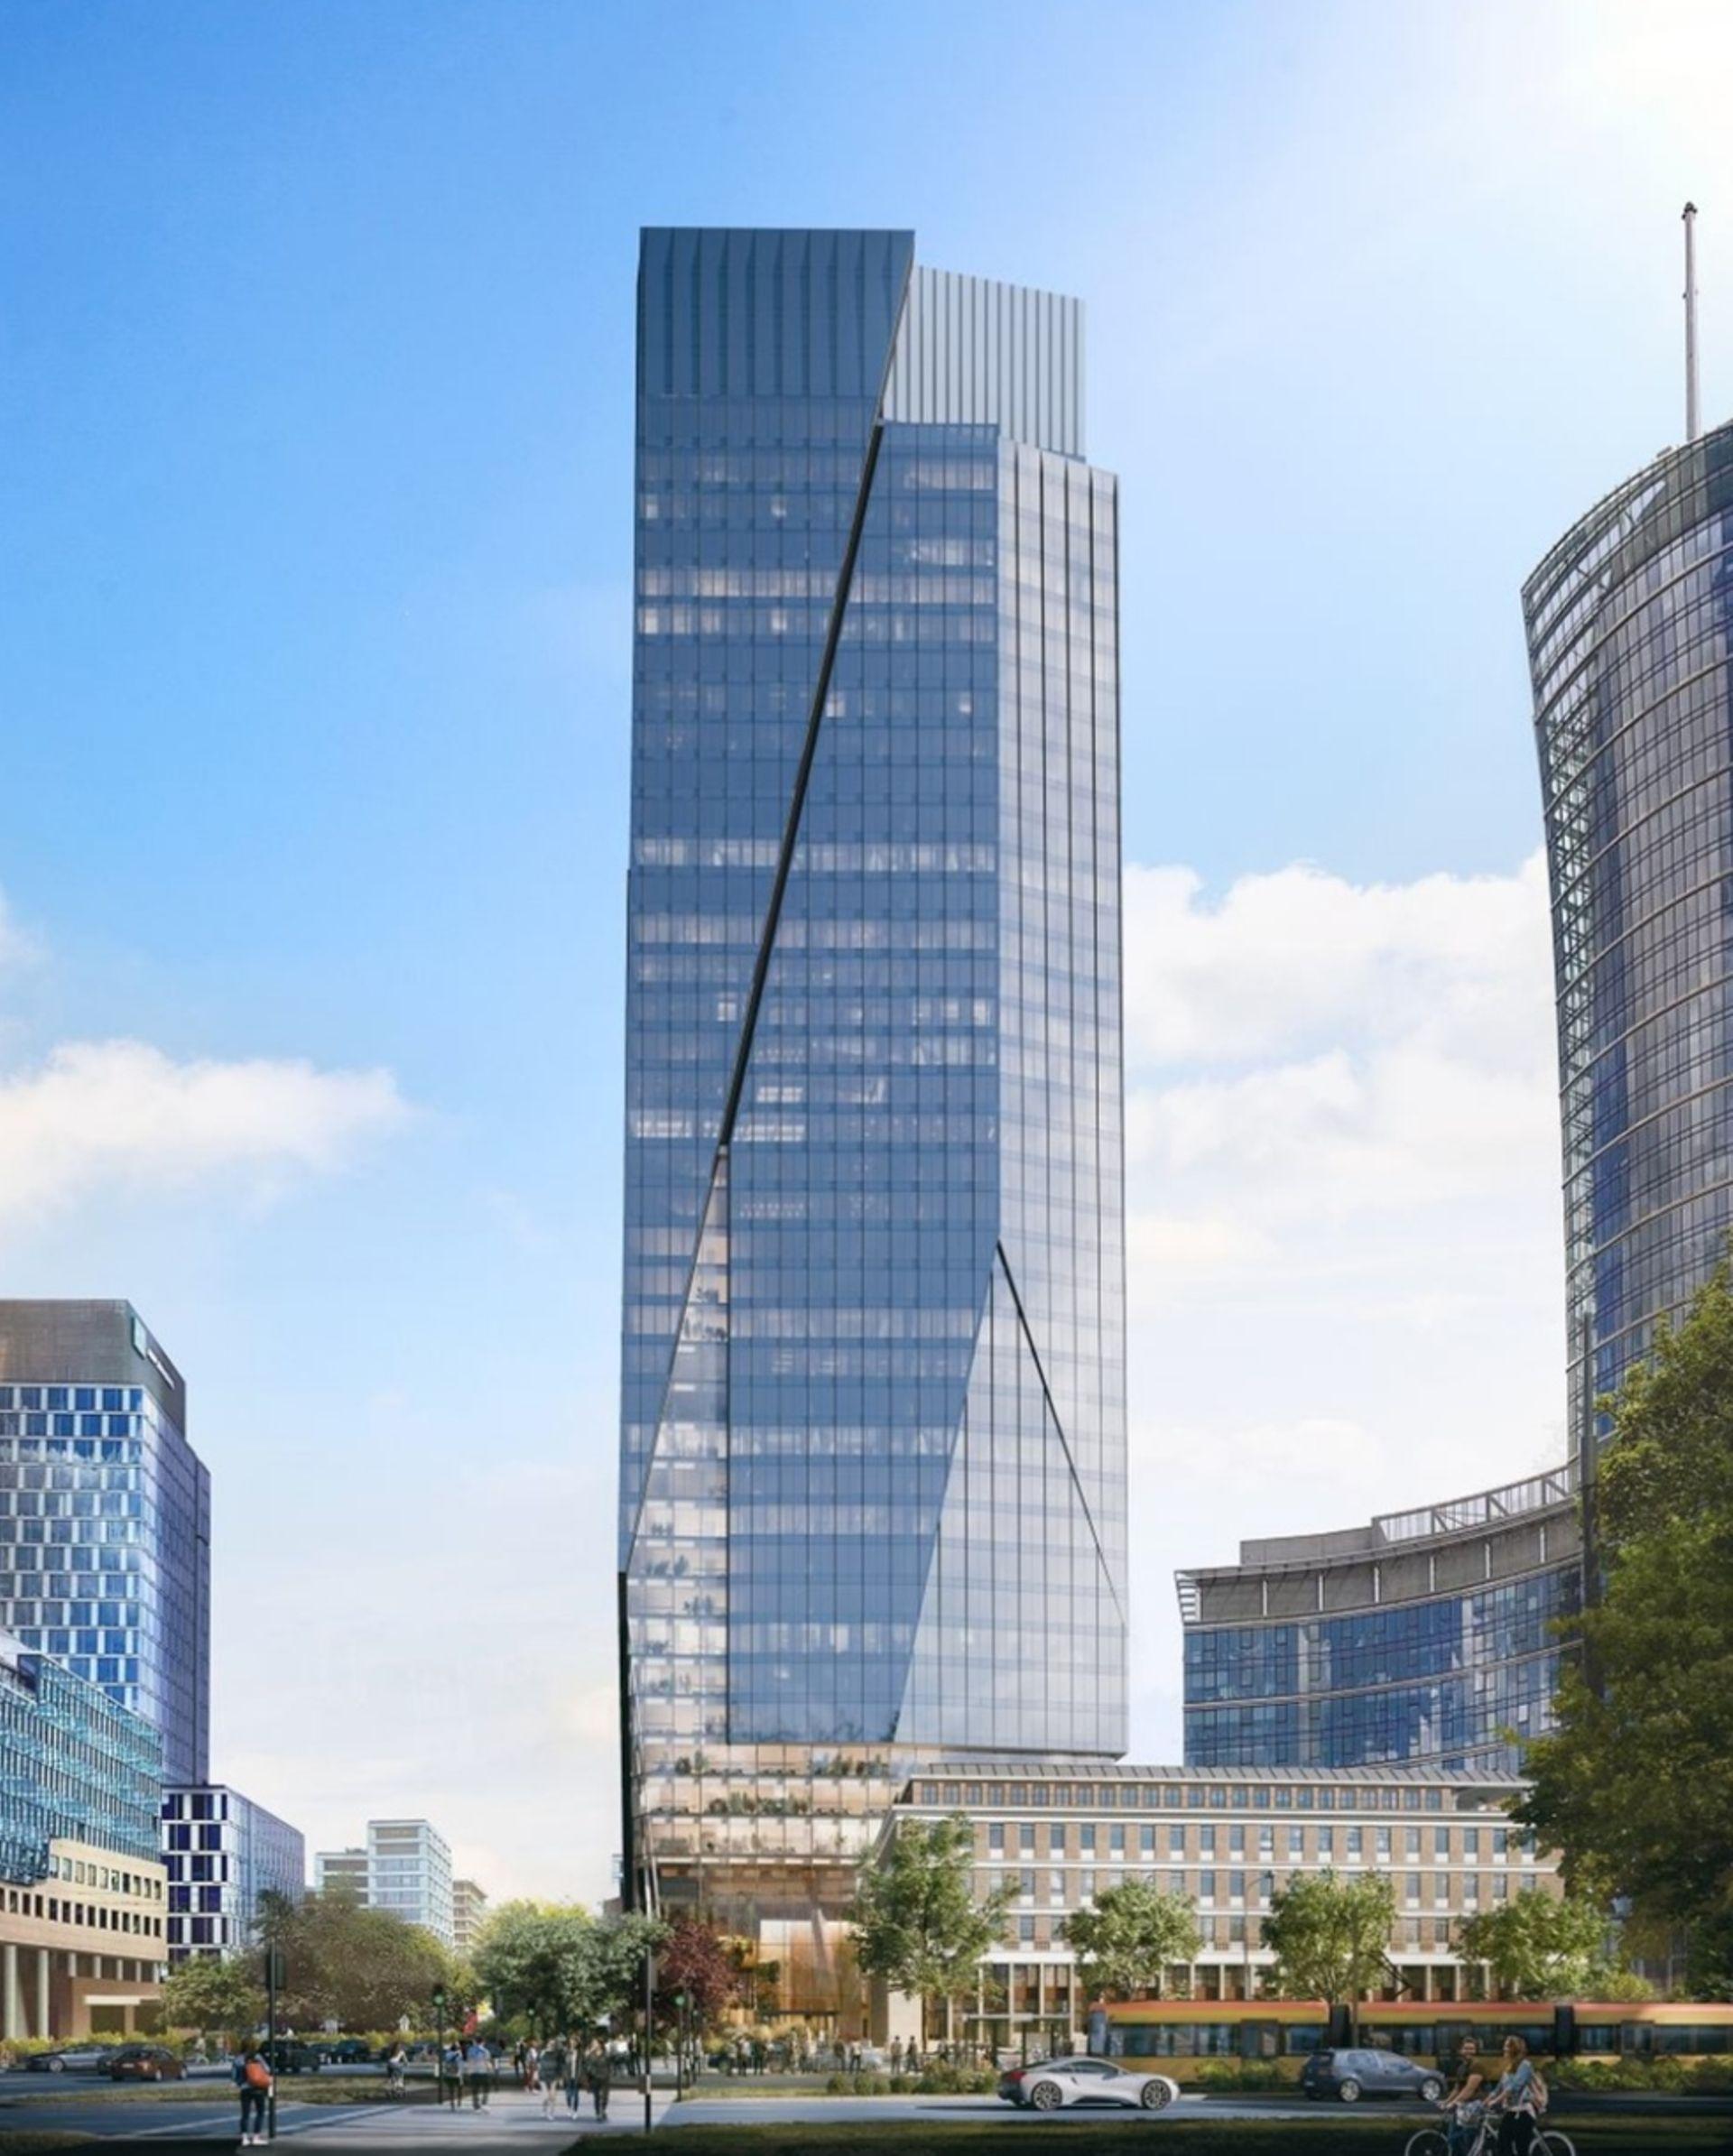 Ghelamco rozpoczęło przygotowania do budowy 174 metrowego wieżowca The Bridge [ZDJĘCIA + WIZUALIZACJE]